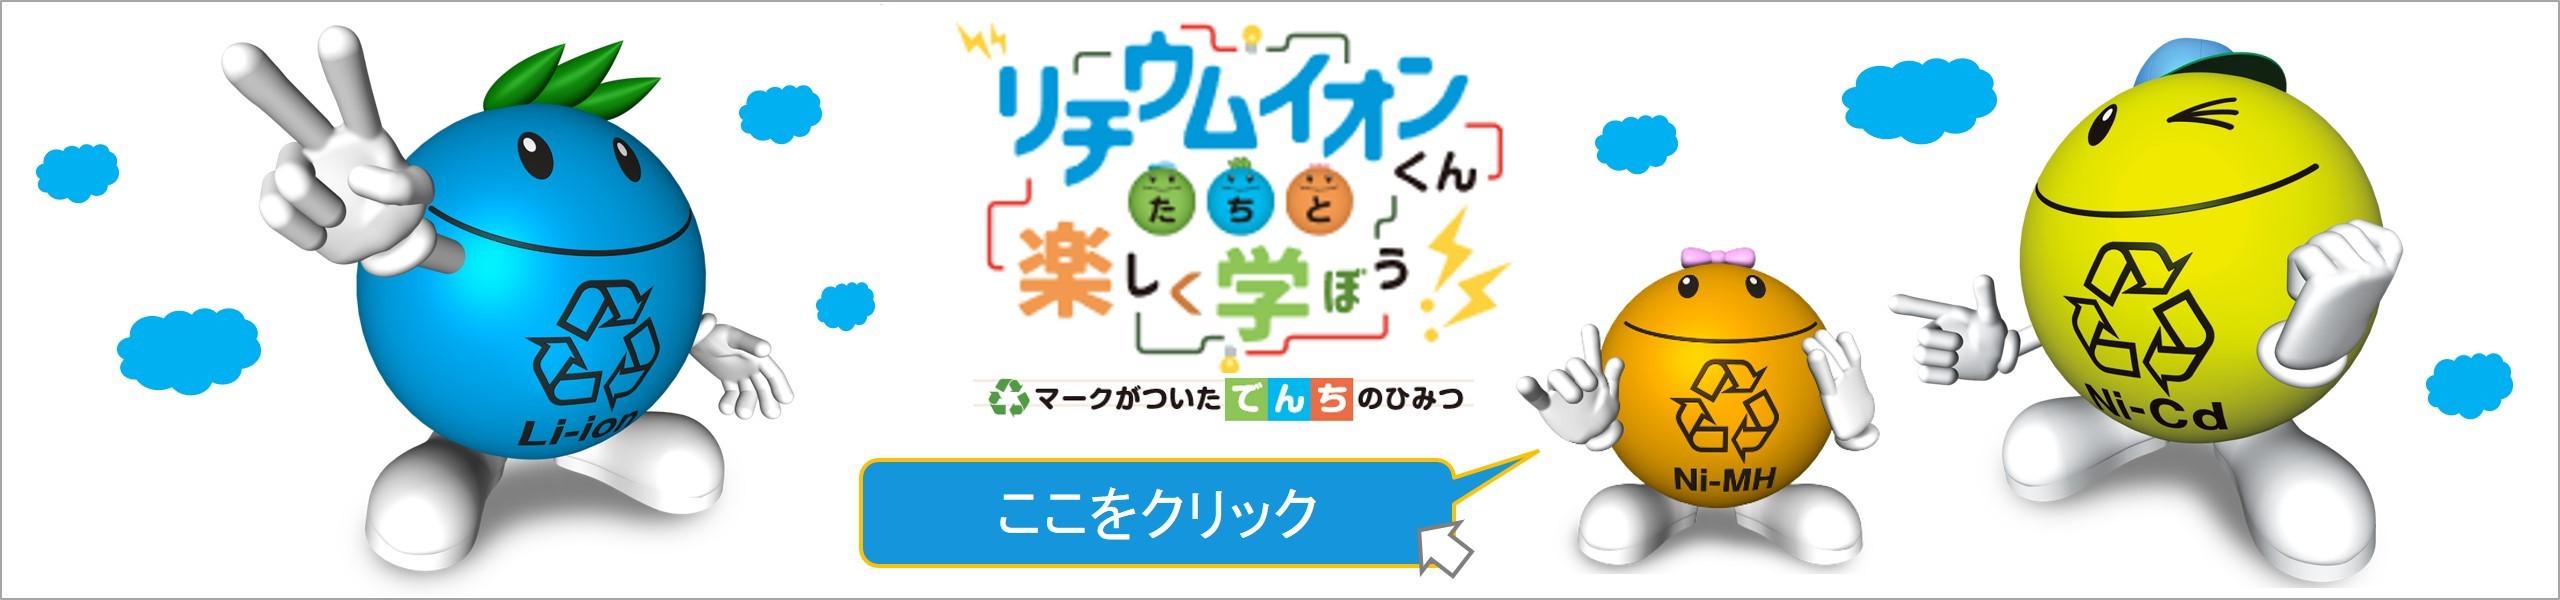 トップページスライド【リチウムイオン君たちと】